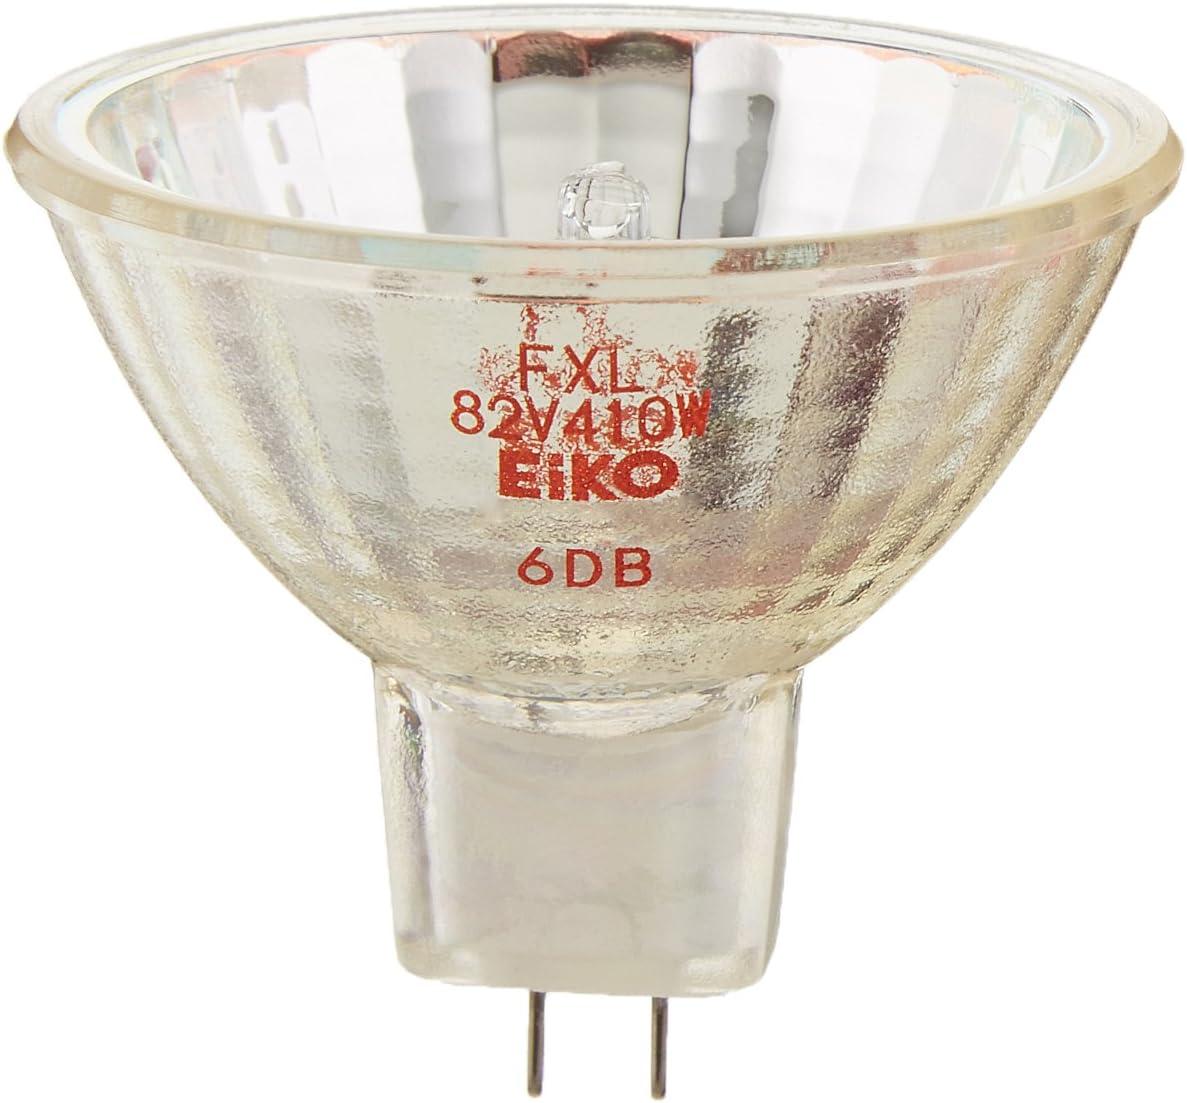 Eiko FXL 82V 410W//MR16 GY5.3 Base Lamp Bulb